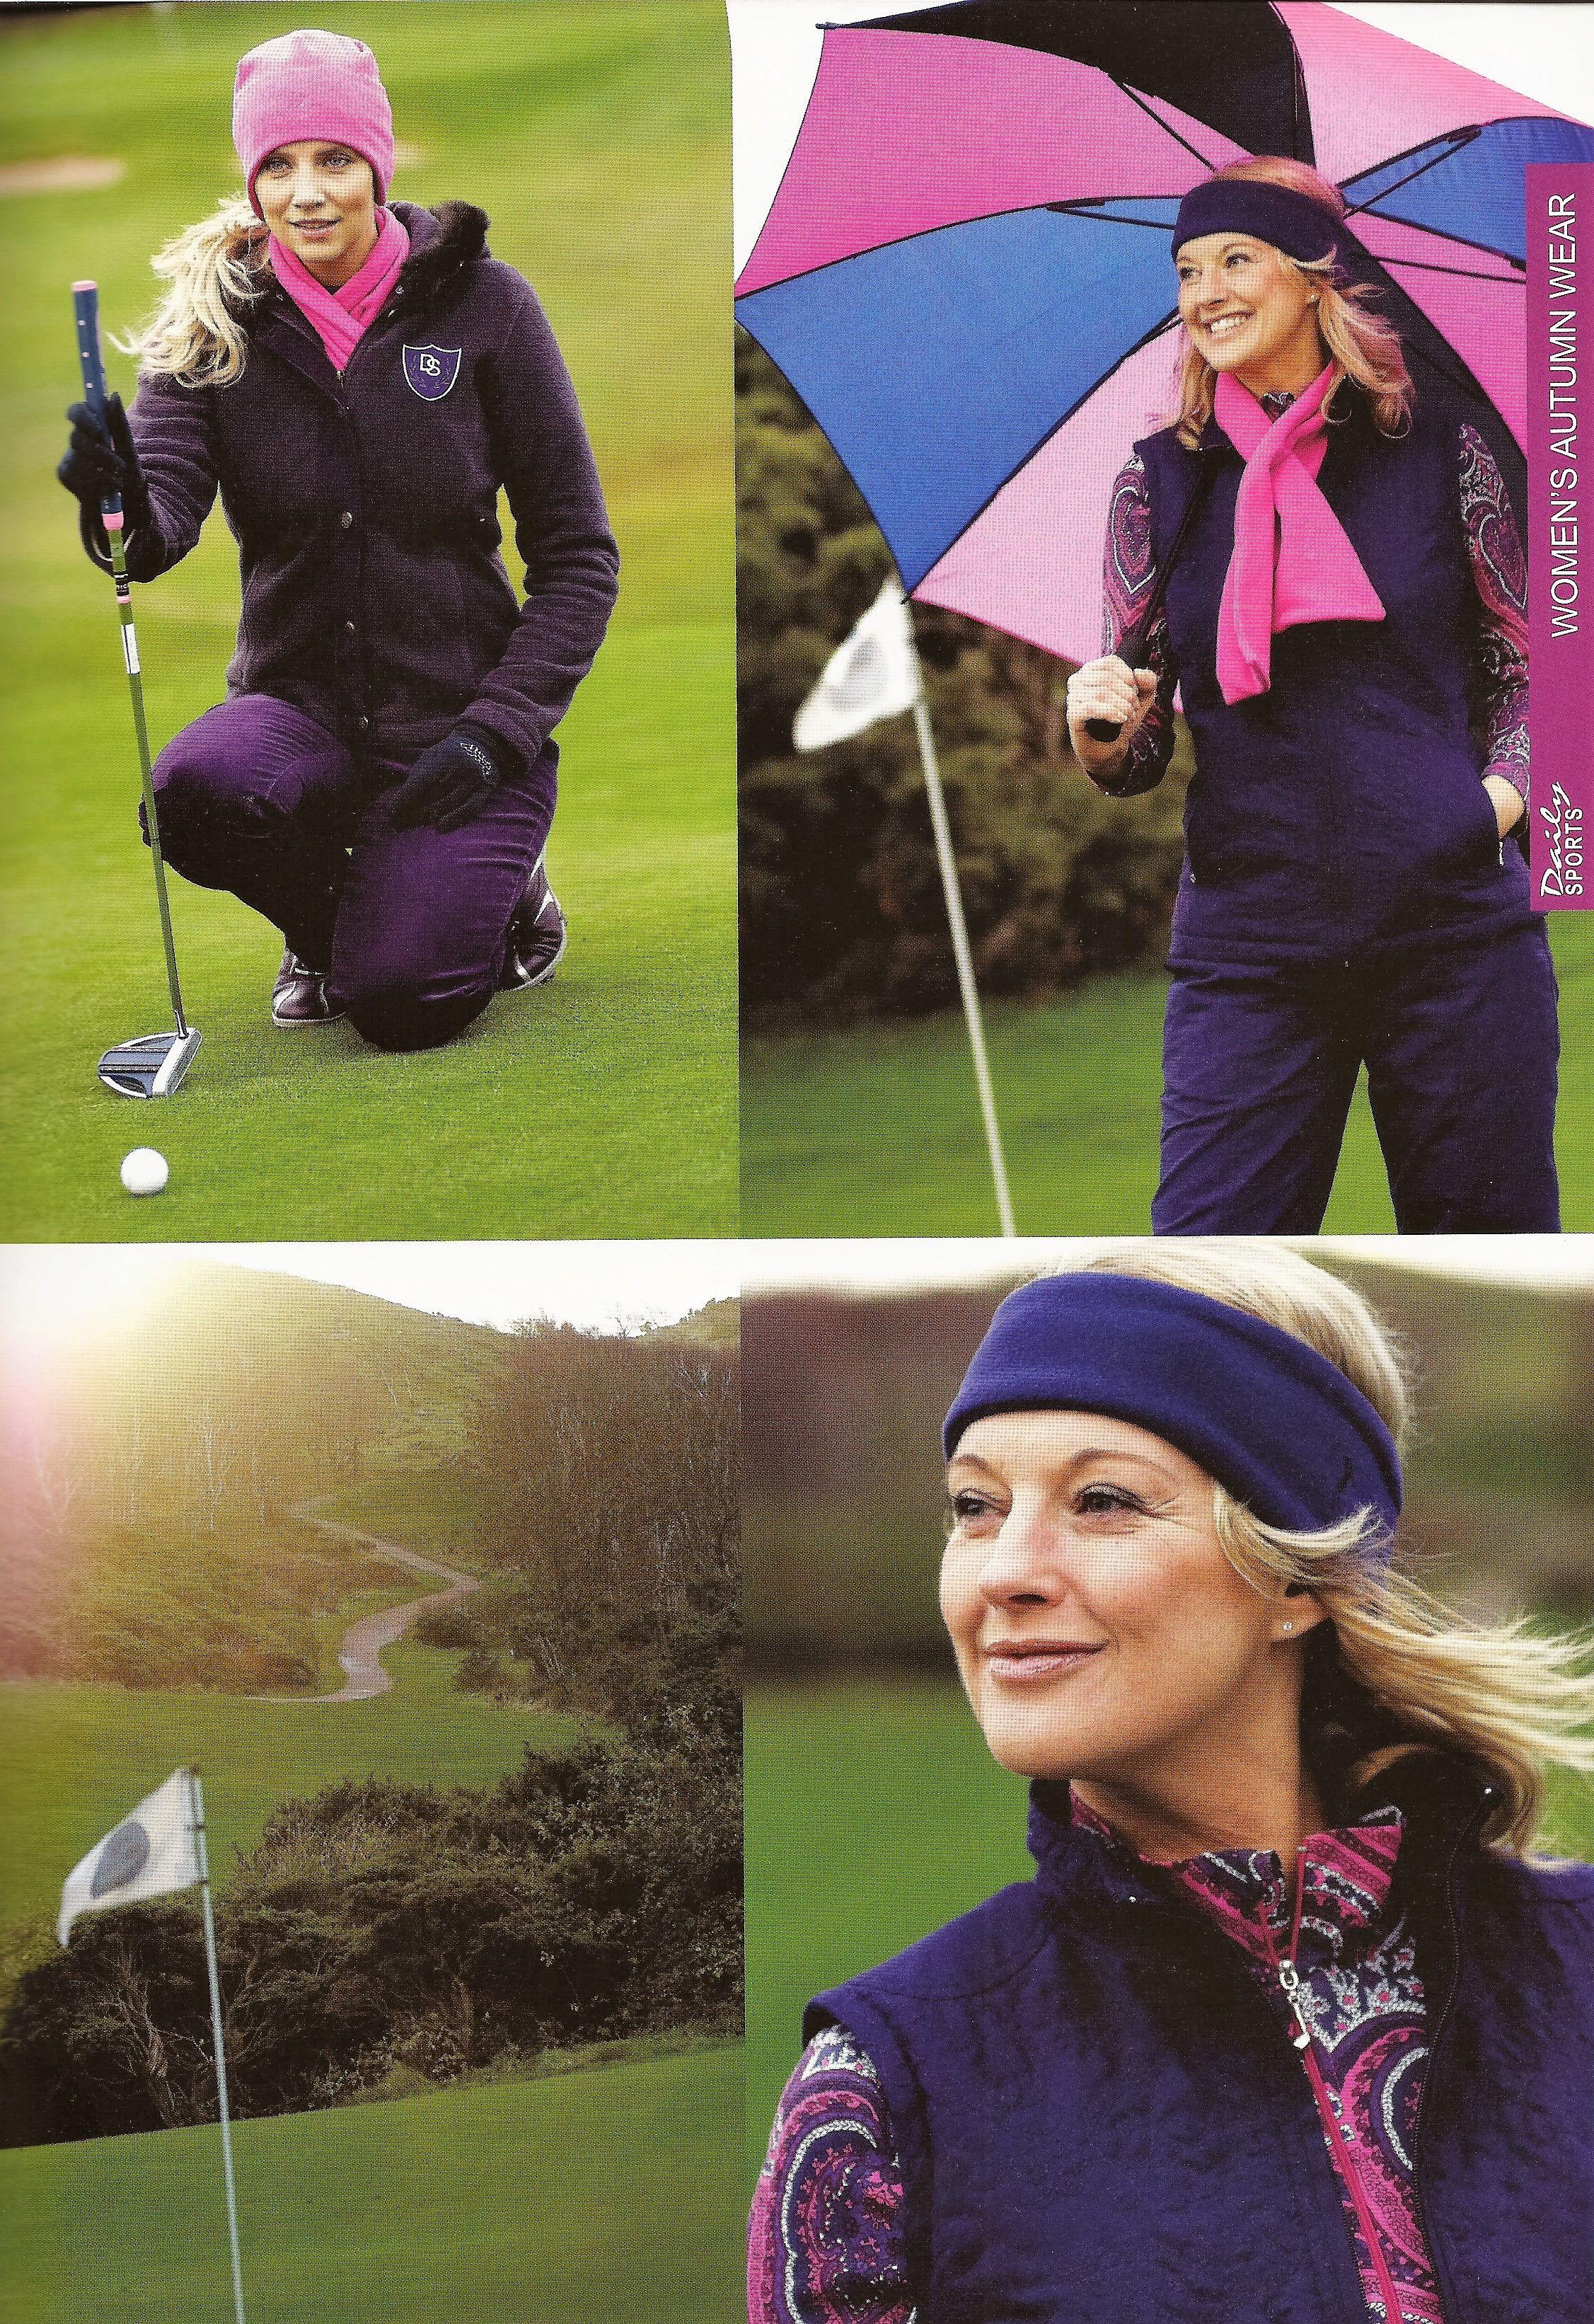 DailySports Fall 2009 GolfFashion Throwback Golf